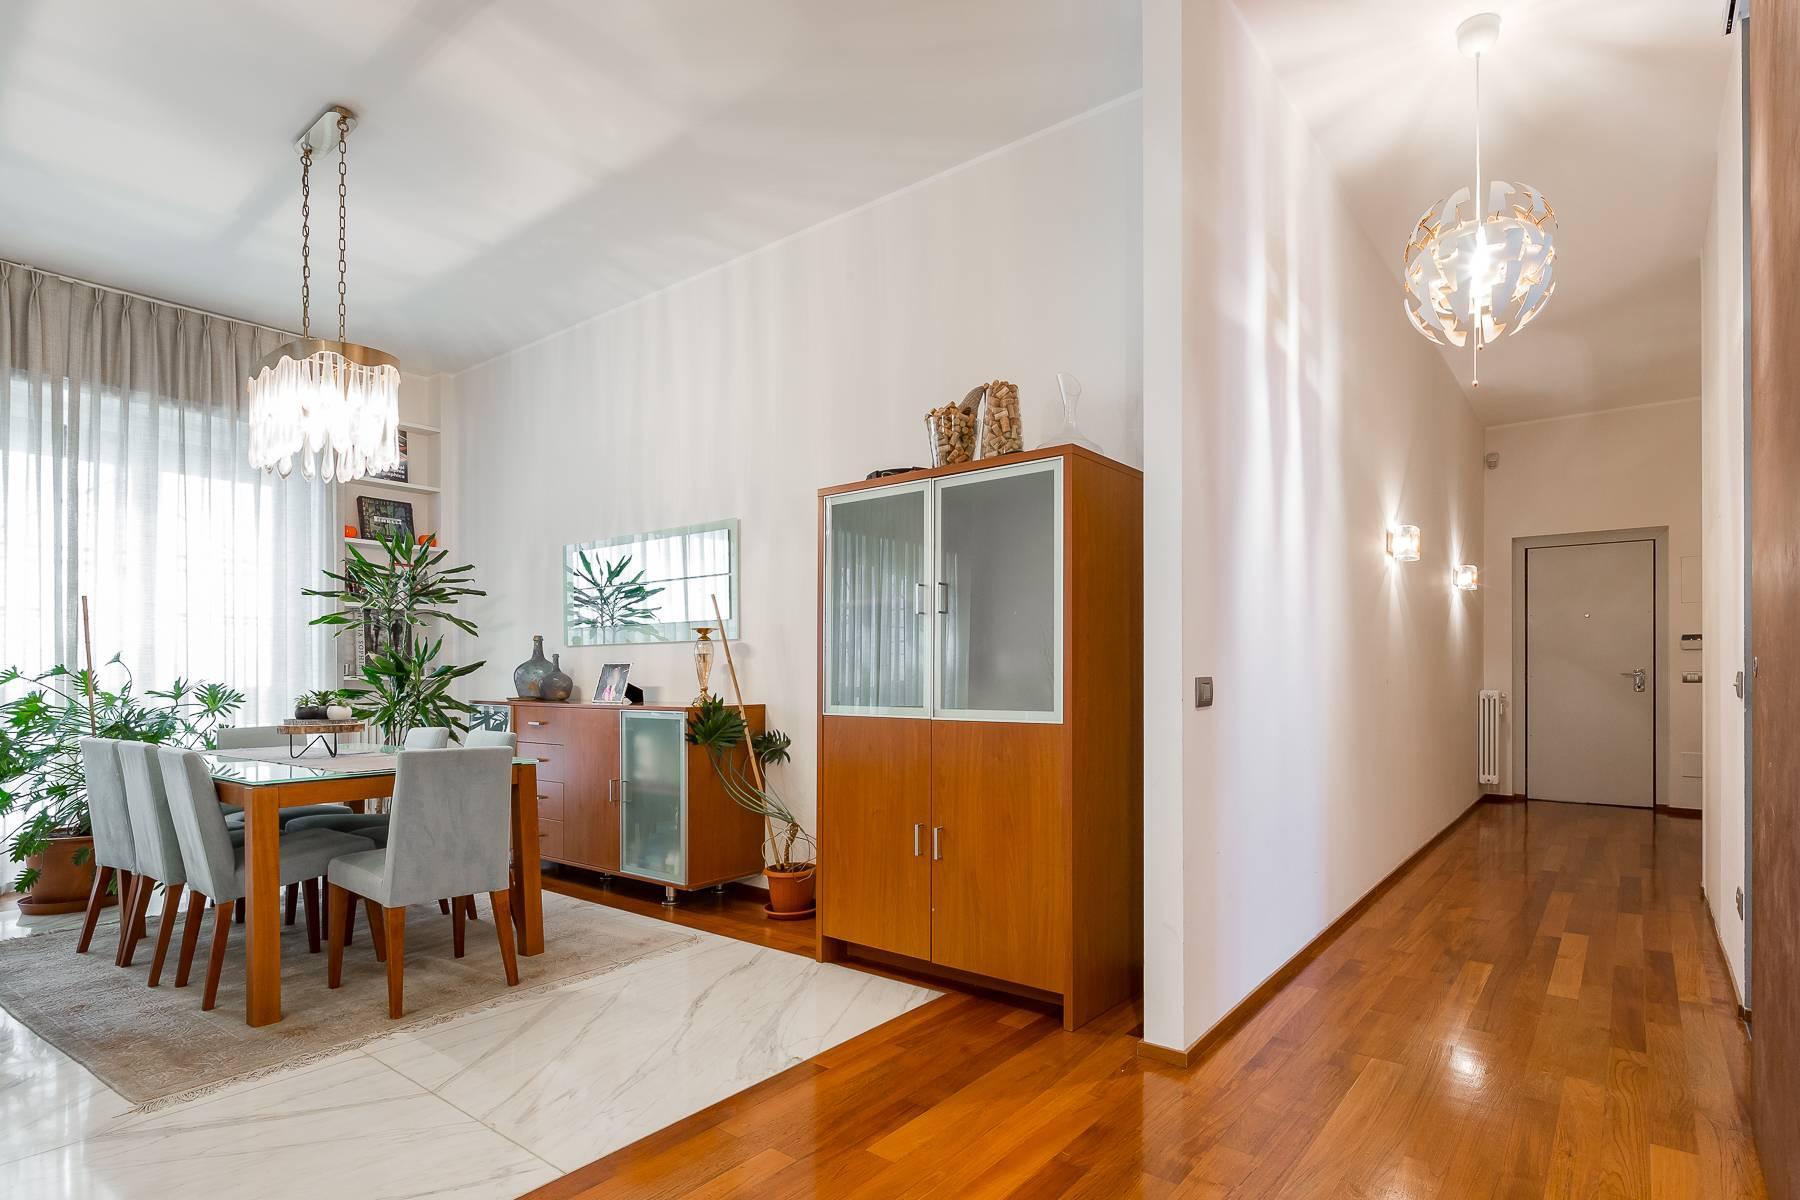 Renovierte Wohnung im Stadtviertel Ticinese/Darsena - 5